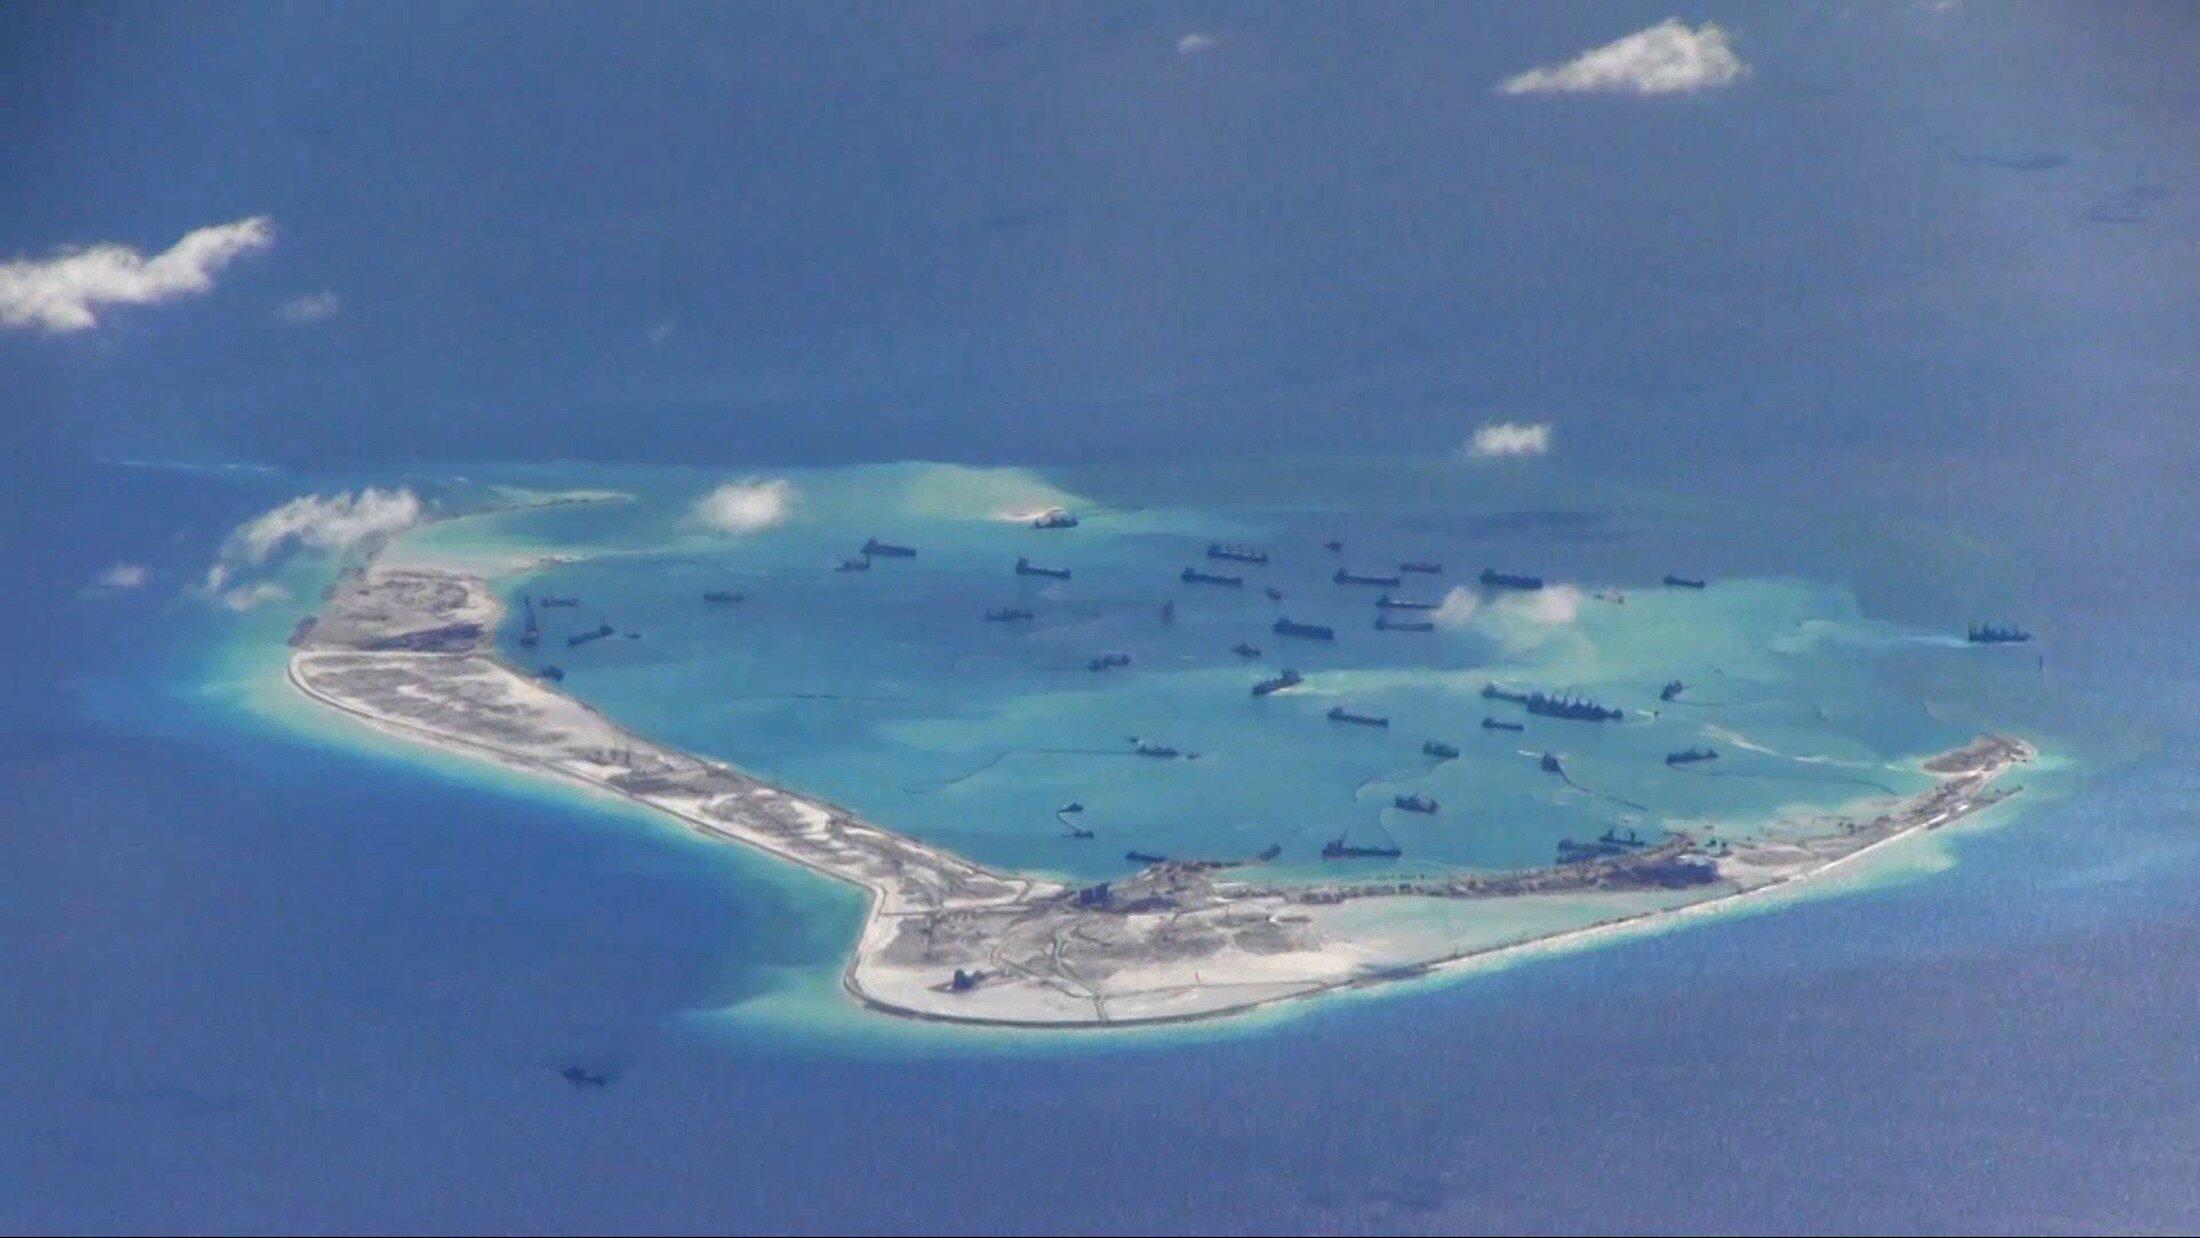 Đảo nhân tạo do Trung Quốc xây dựng trên bãi đá Mischief Reef- Trường Sa. Ảnh vệ tinh tháng 5/2015.